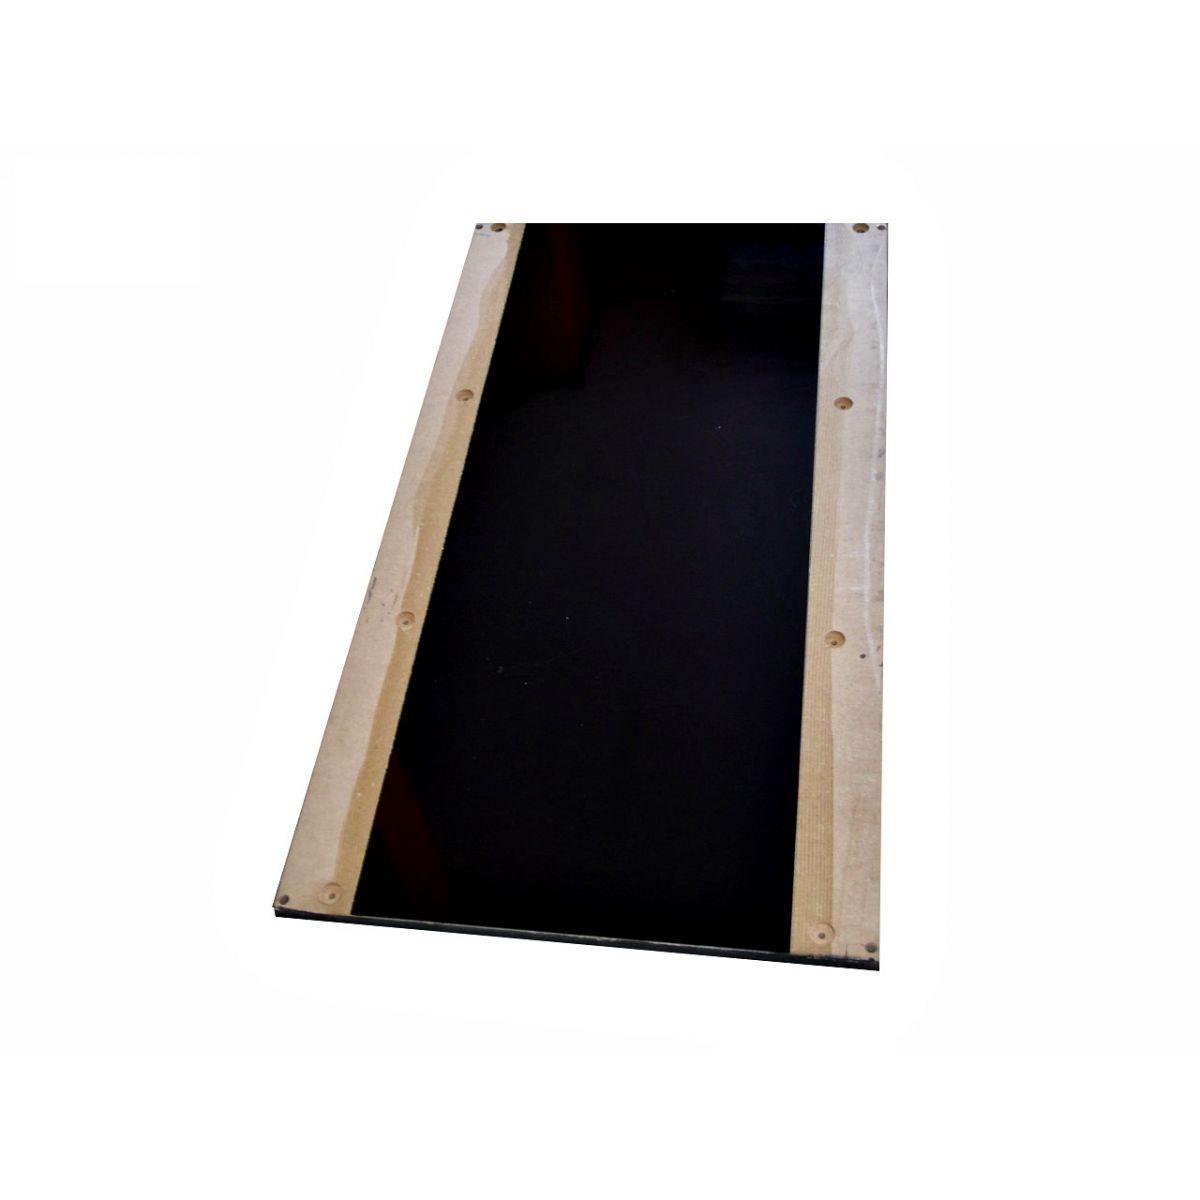 Prancha Deck Para Esteira Ergométrica Movement Lx 150